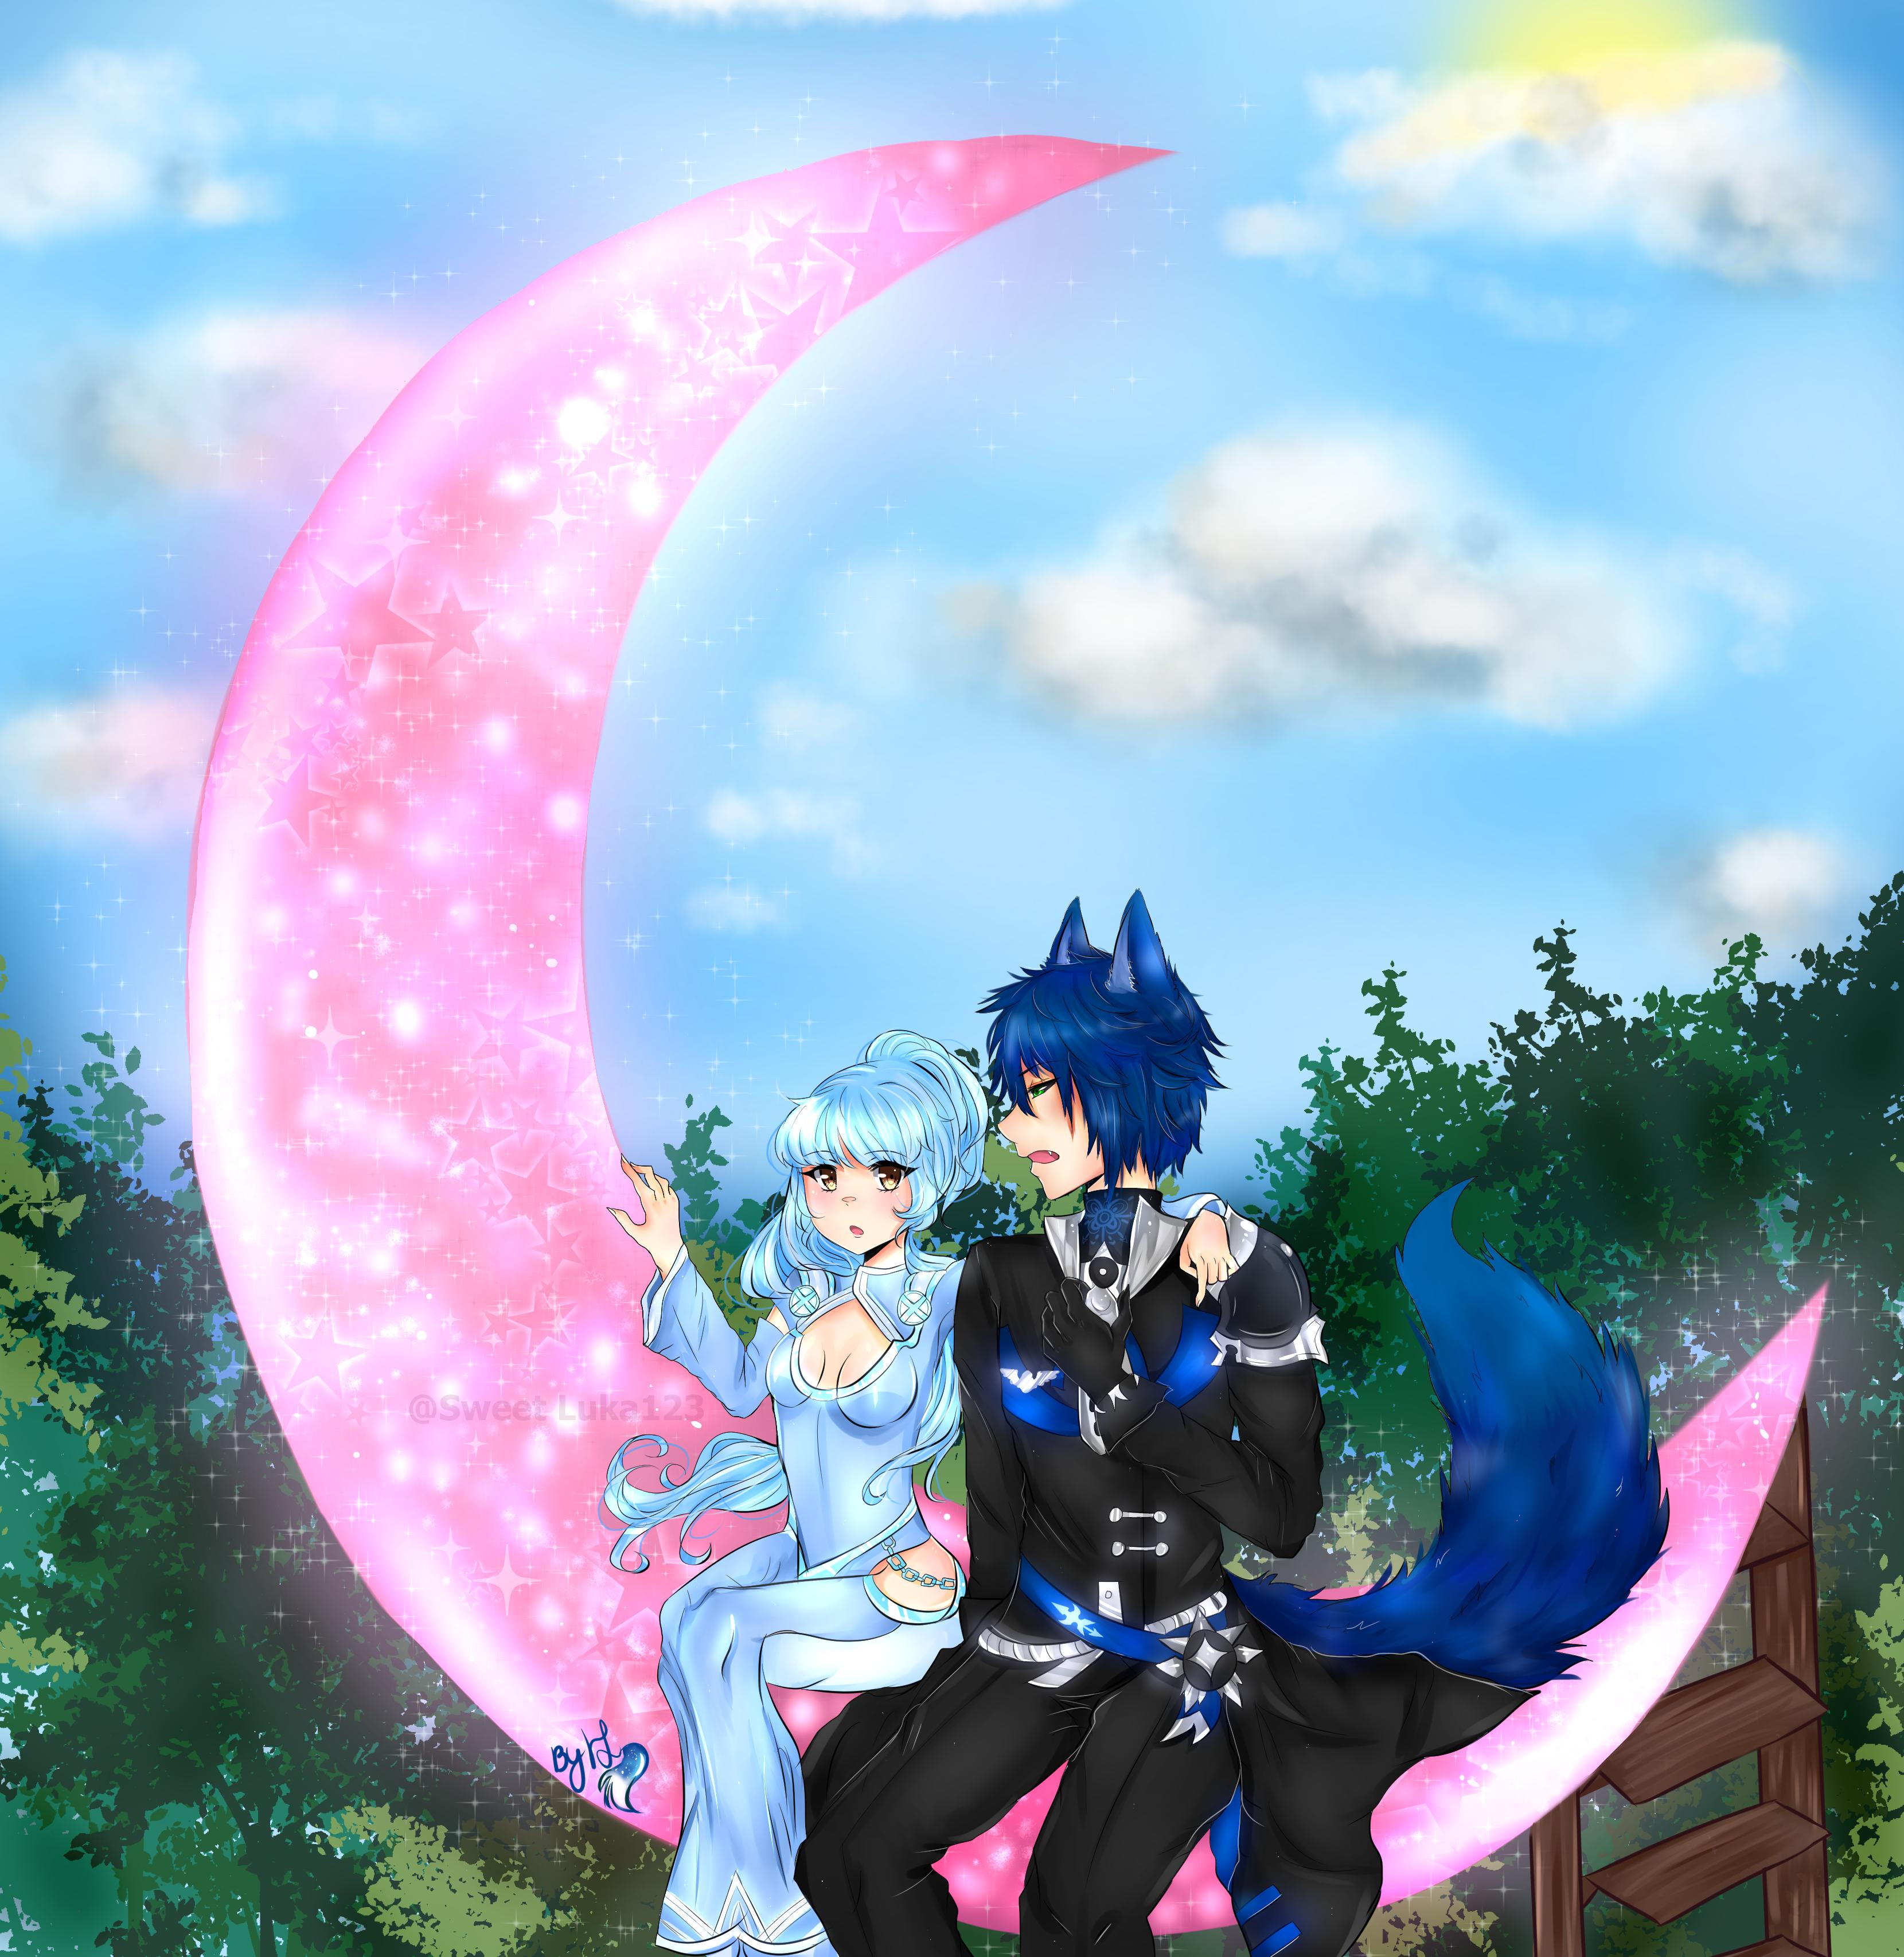 Luna_moon_art_by_VL_sweet_luka123.png